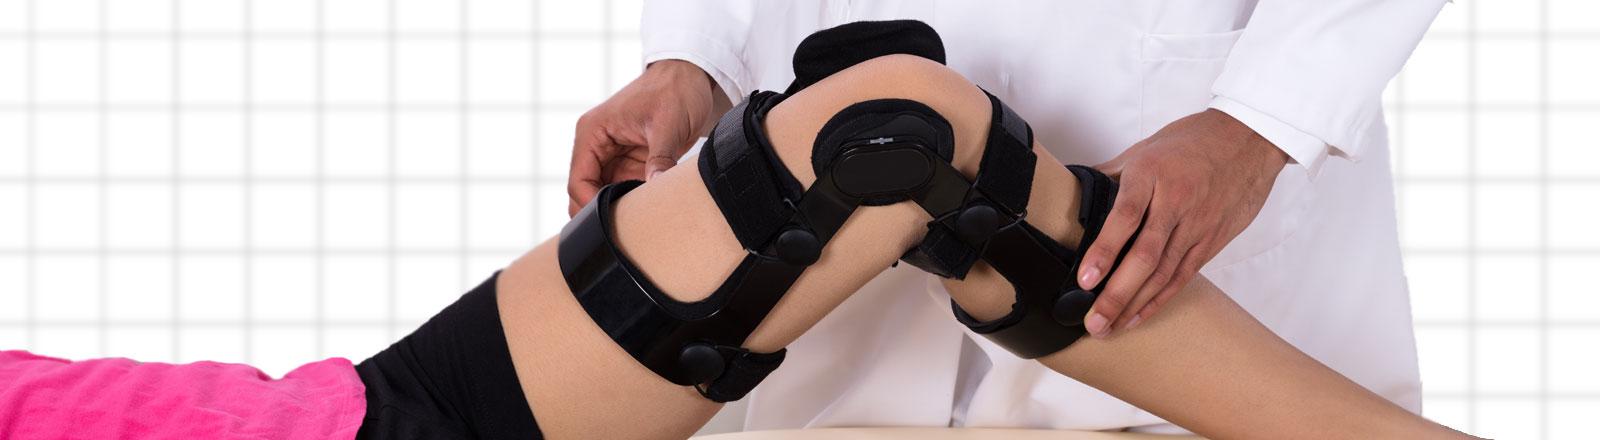 Knee Brace rehab